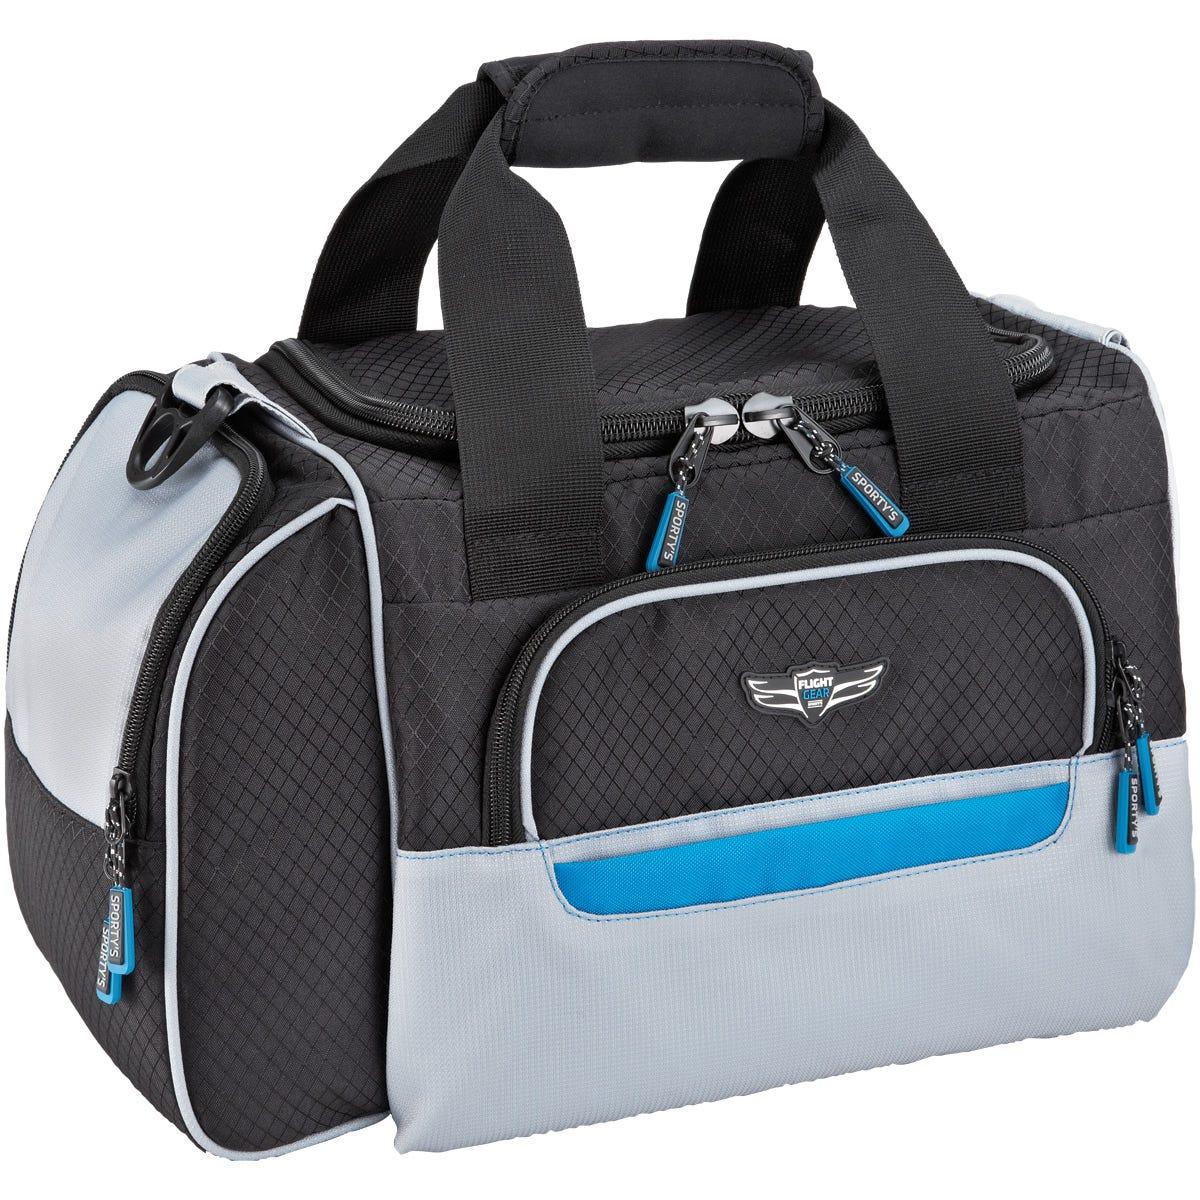 Flight gear bag